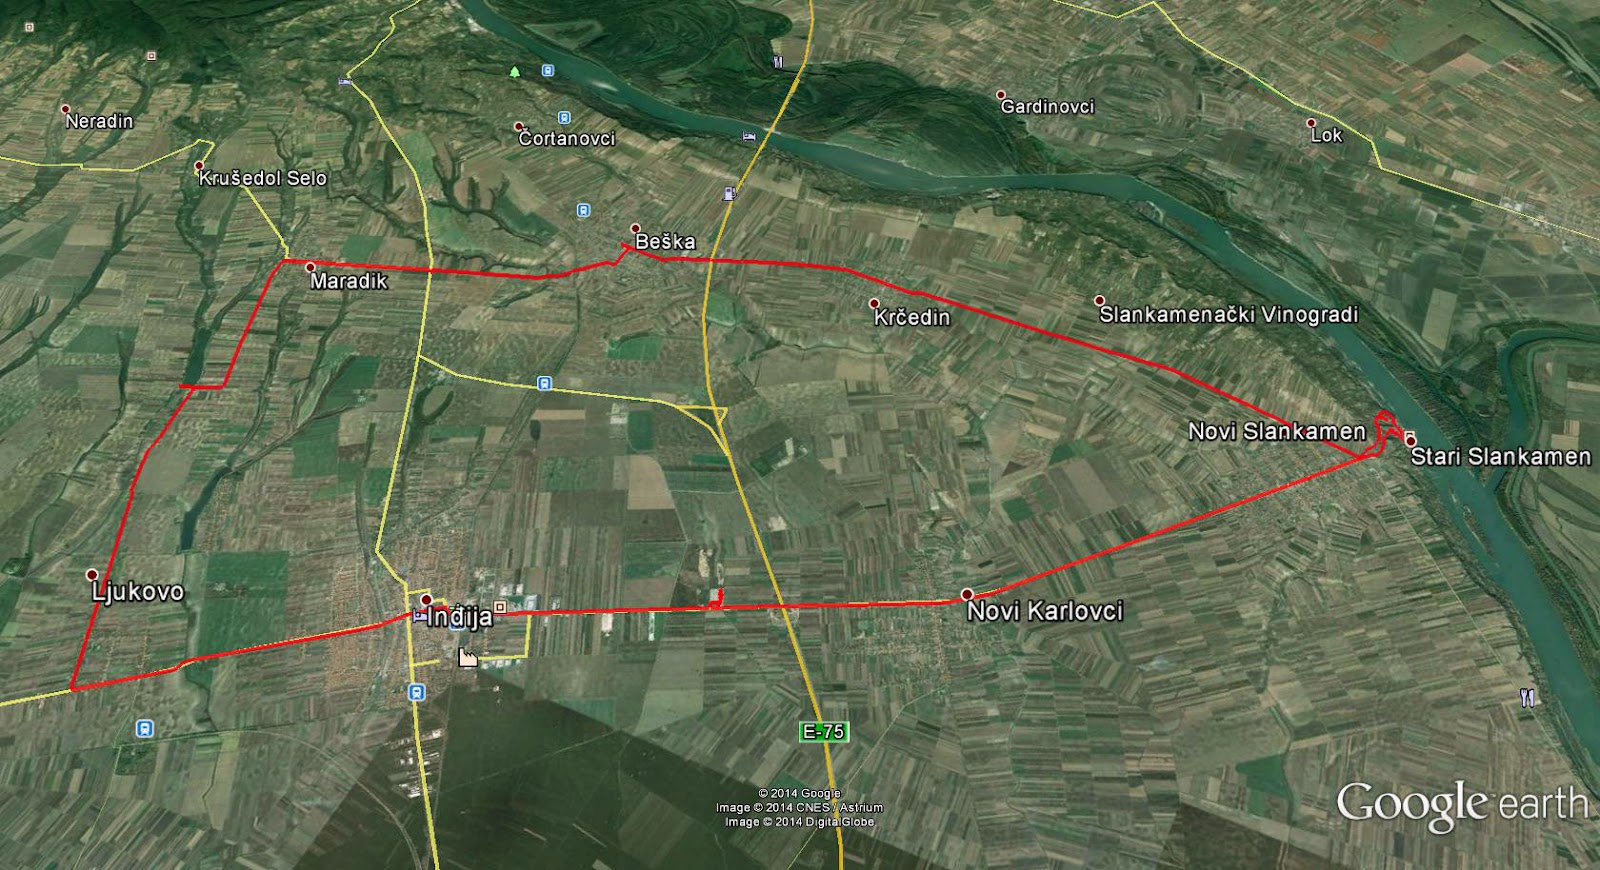 gugl mapa beograd Sremska jezera na dva točka: Jezero Šelevrenac   Staze zdravlja gugl mapa beograd